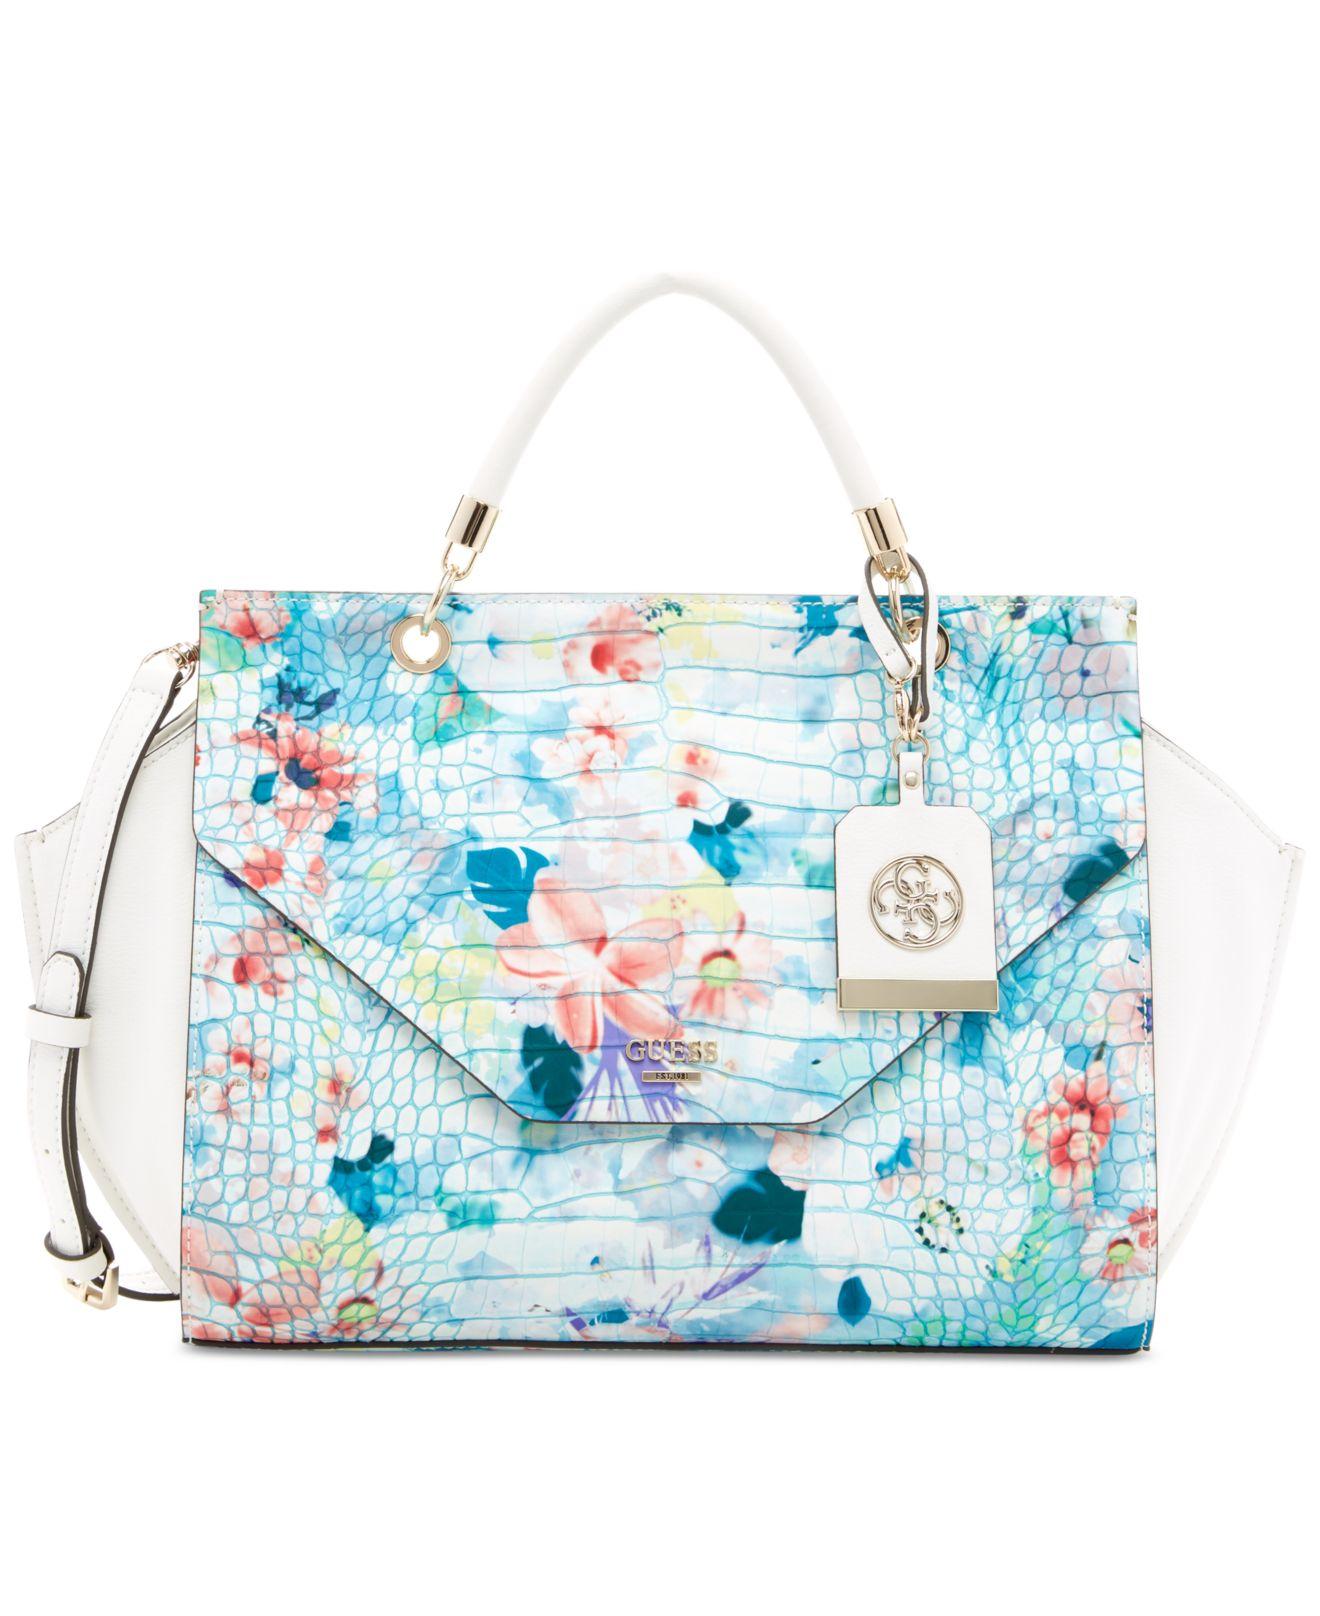 fb7408cc2924 Lyst - Guess Casey Top Handle Flap Handbag